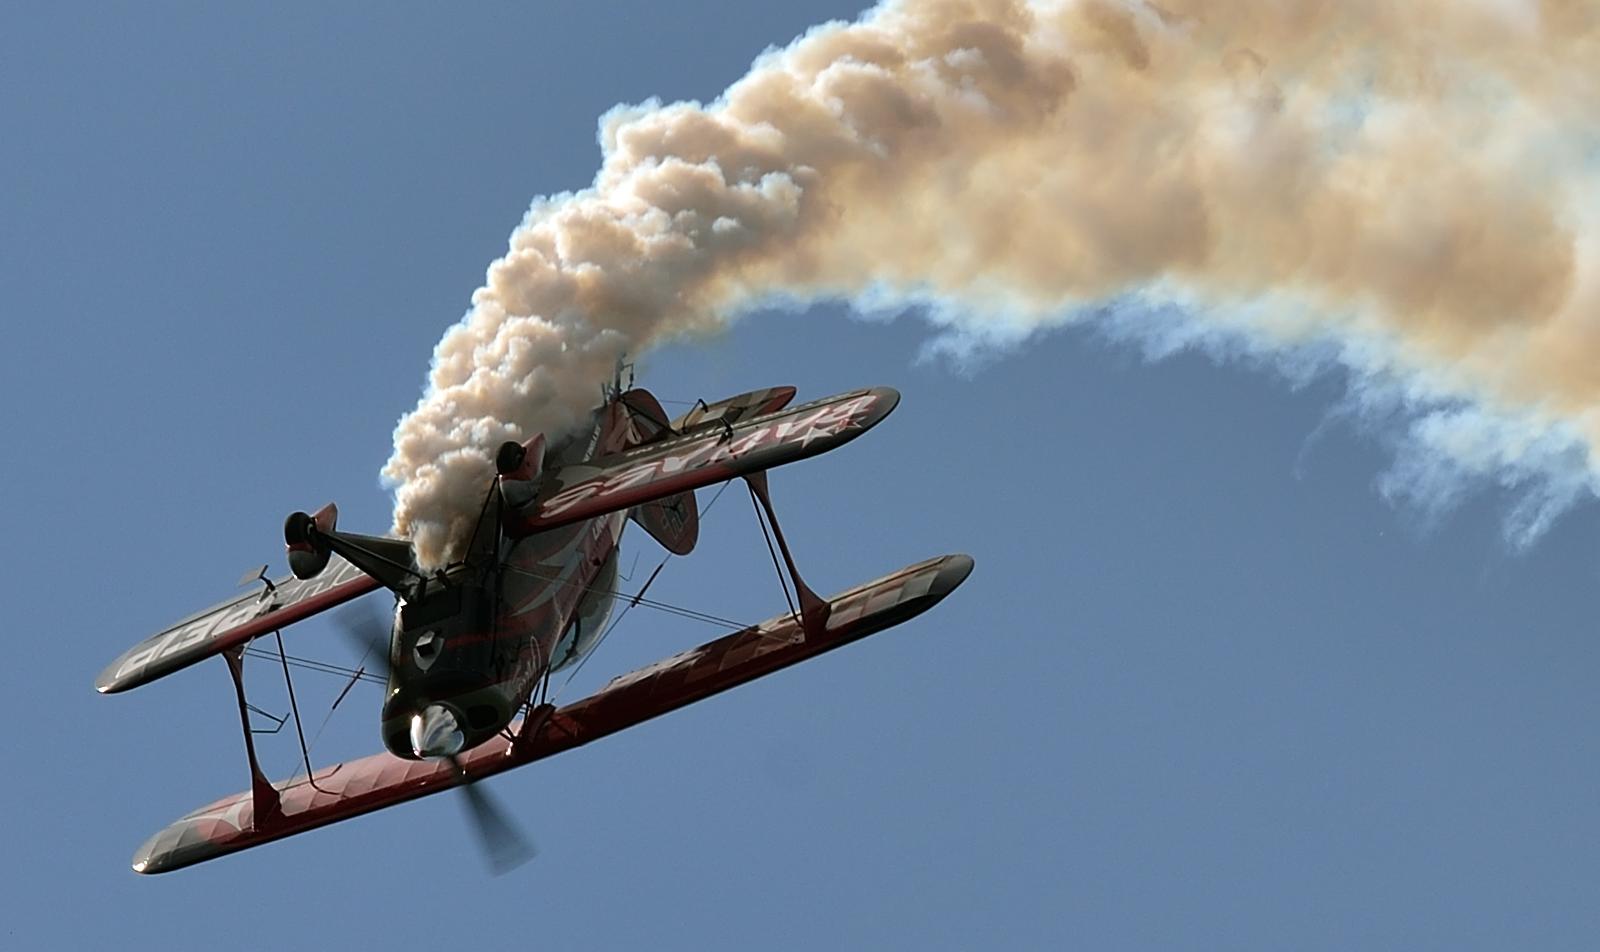 Vliegles In Een Stuntvliegtuig Stuntvliegen